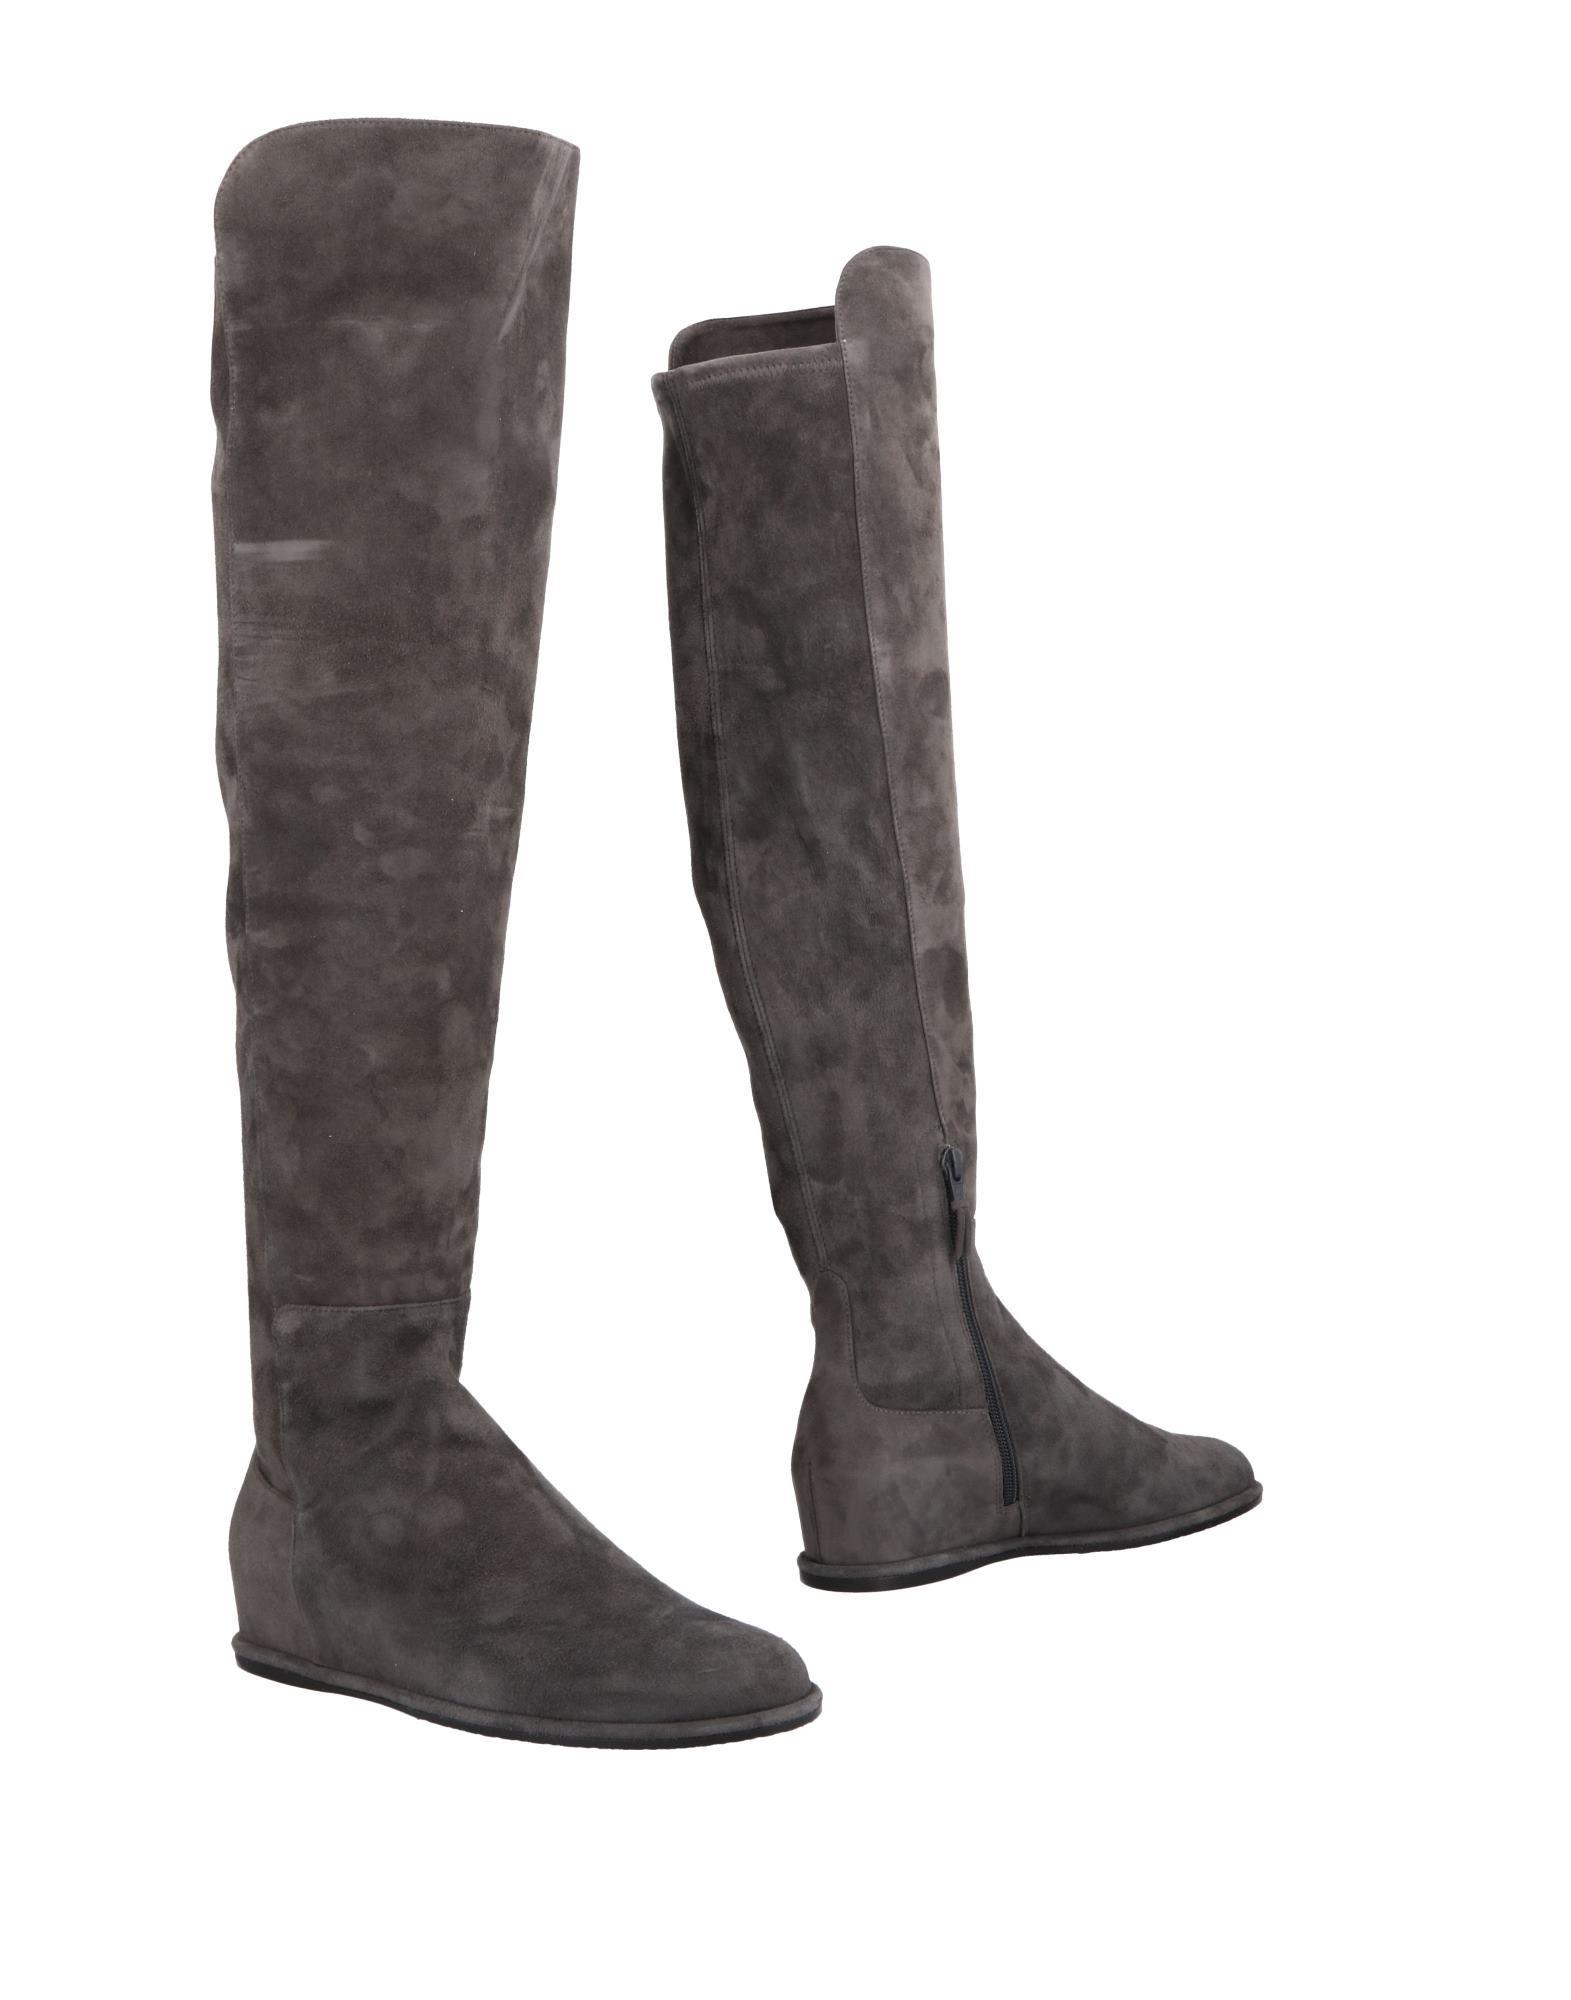 Stuart Damen Weitzman Stiefel Damen Stuart  11503818VN Neue Schuhe 7c30b1